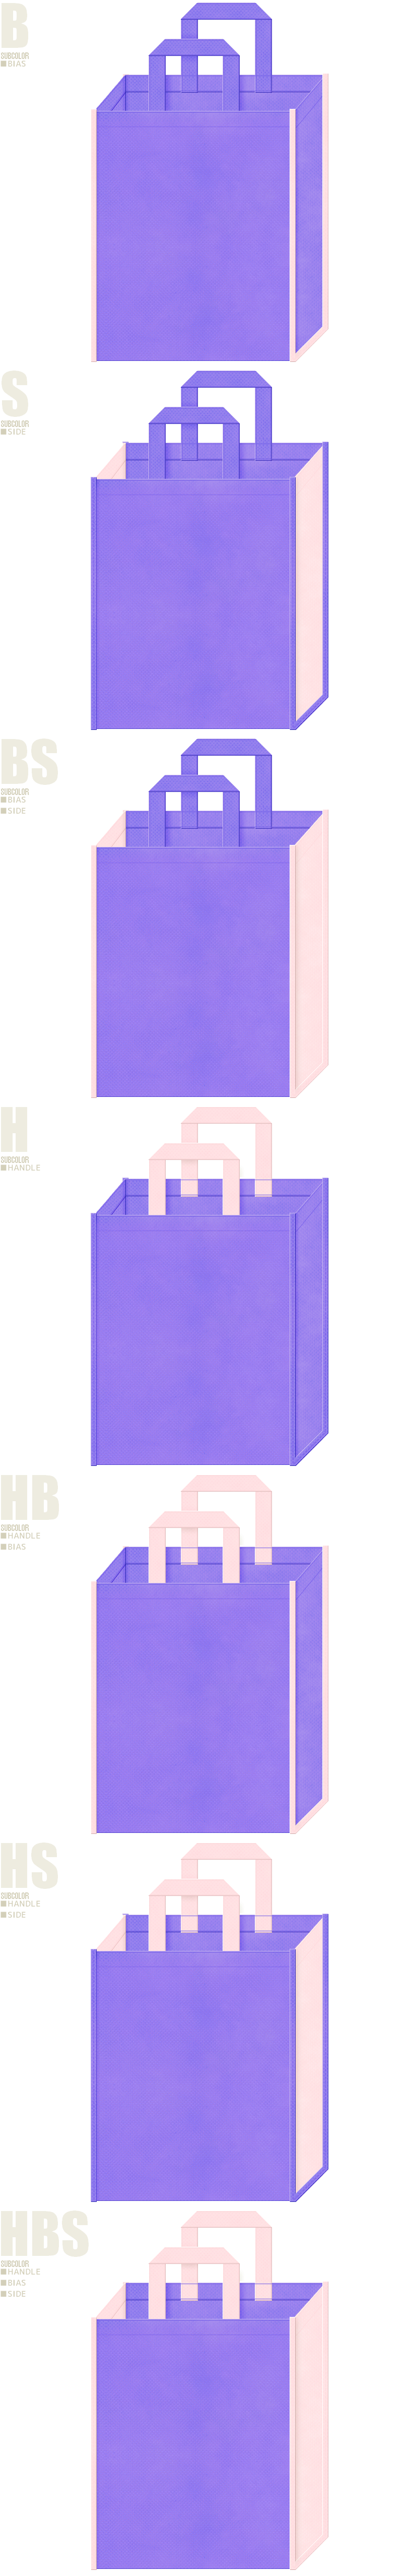 薄紫色と桜色の配色7パターン:不織布トートバッグのデザイン。保育・福祉・介護・優しさイメージにお奨めのパステル系配色です。